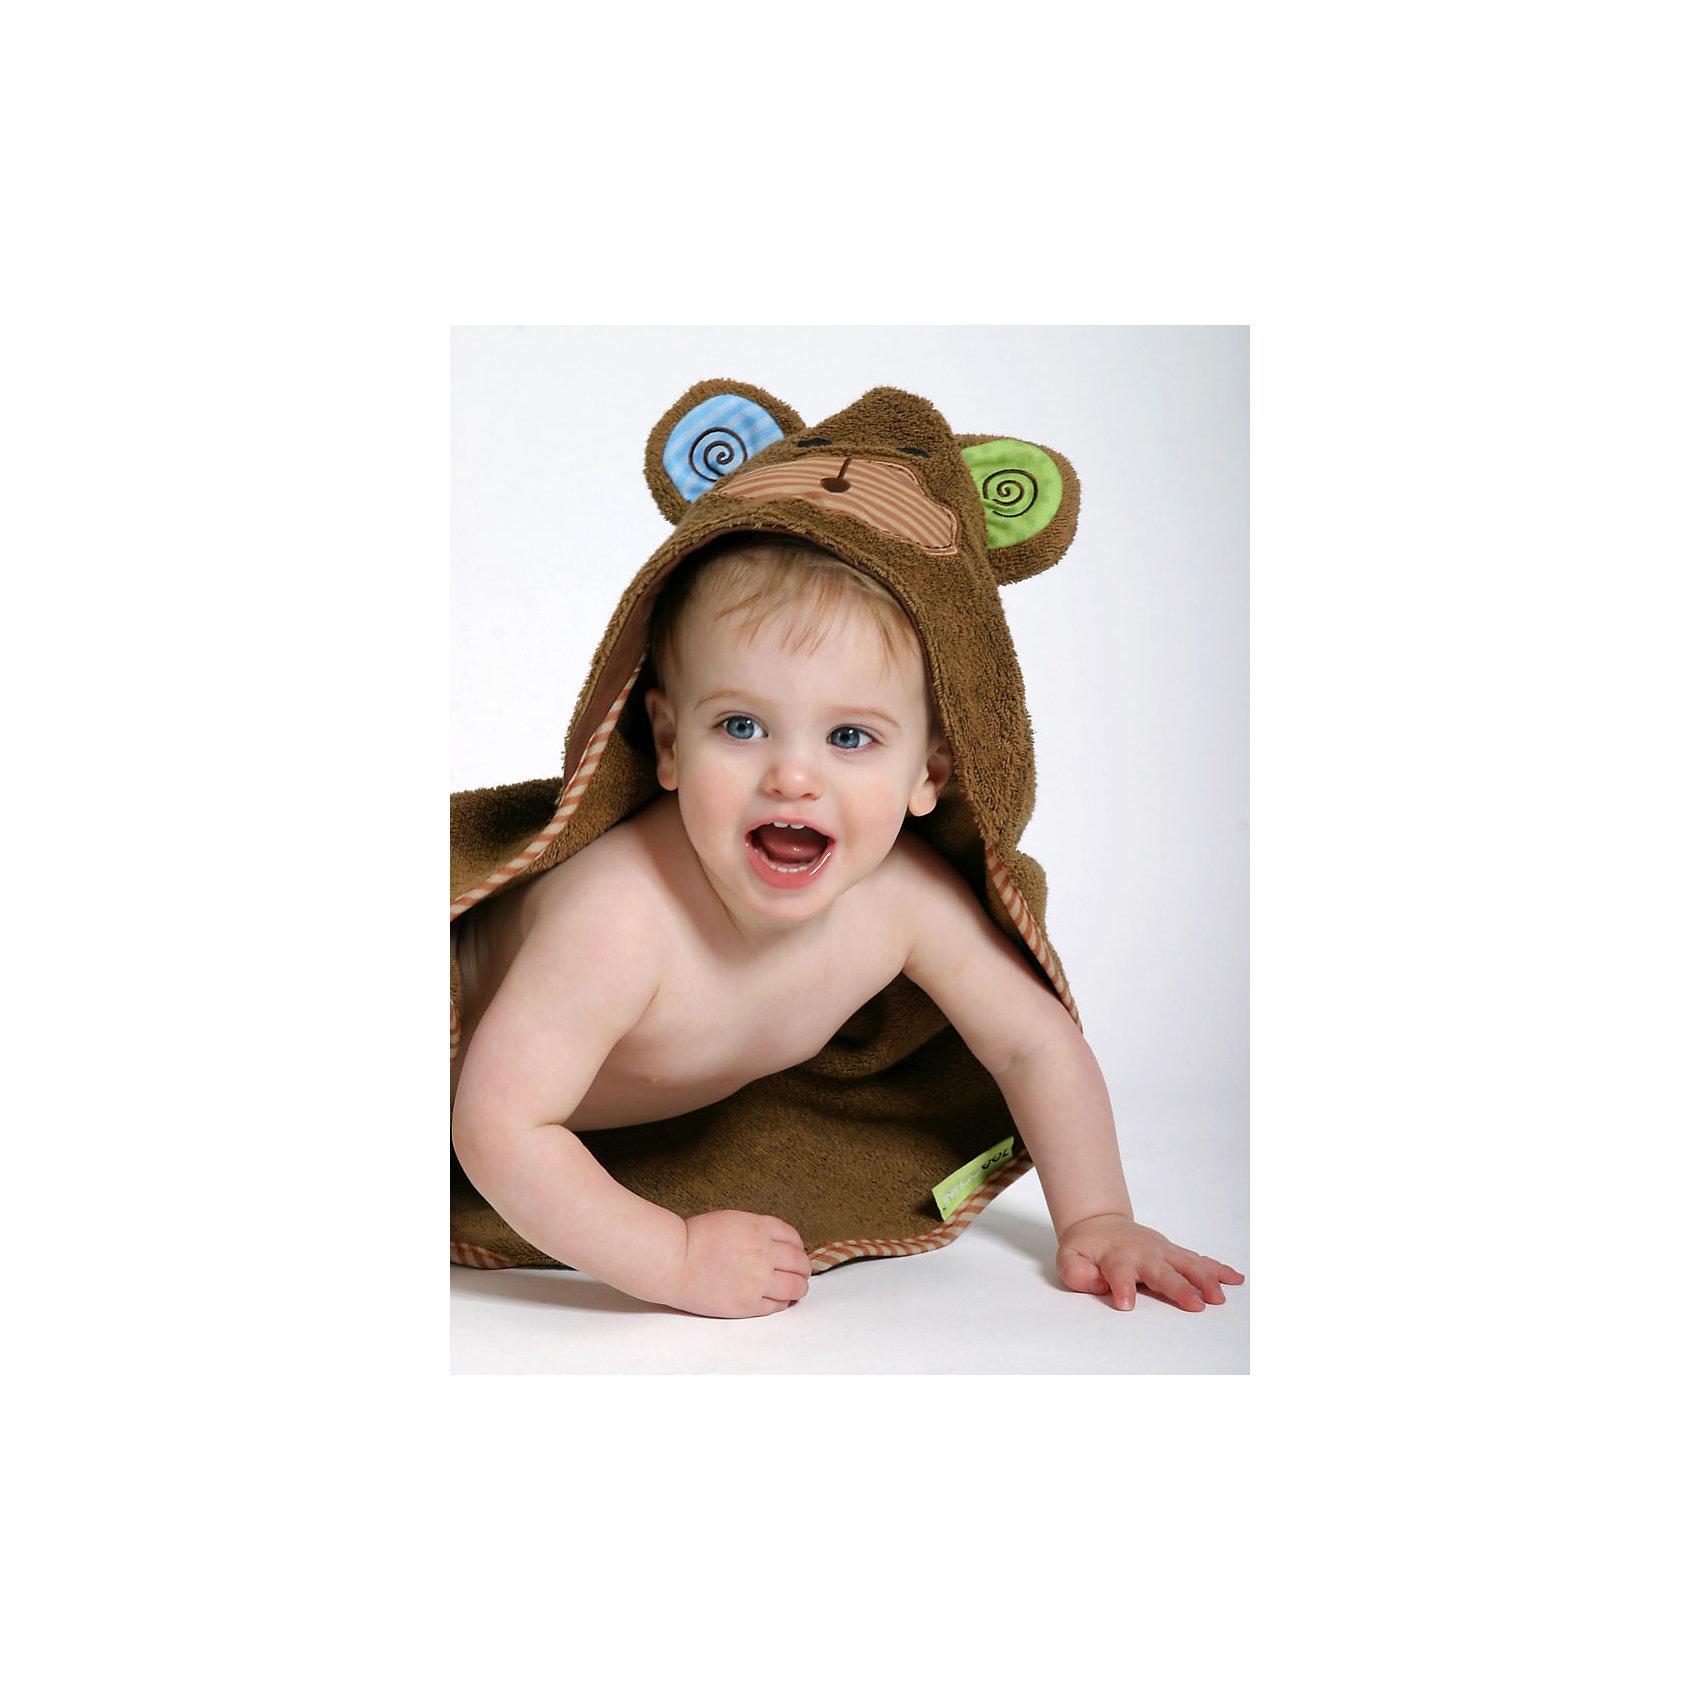 Полотенце с капюшоном Max the Monkey (0-18 мес.), ZoocchiniПолотенца, мочалки, халаты<br>Полотенце с капюшоном Max the Monkey (0-18 мес.) Обезьянка Макс от американского бренда Zoocchini (Зукинни) сделает принятие ванны еще уютнее и приятнее. Большое хлопковое полотенце прекрасно впитывает влагу, а веселый капюшон с обезьянкой защитит от сквозняков. Насыщенный коричневый цвет с окантовкой придет по вкусу всей семье. Отлично подходит малышам до полутора лет. <br>Дополнительная информация:<br><br>- Состав: 100% хлопок<br>- Размер: 76 * 76 см.<br>Полотенце с капюшоном Max the Monkey (0-18 мес.) Обезьянка Макс, Zoocchini (Зукини) можно купить в нашем интернет-магазине.<br>Подробнее:<br>• Для детей в возрасте: от 0 до 18 месцев<br>• Номер товара: 4976021<br>Страна производитель: Китай<br><br>Ширина мм: 250<br>Глубина мм: 190<br>Высота мм: 70<br>Вес г: 390<br>Возраст от месяцев: 0<br>Возраст до месяцев: 18<br>Пол: Унисекс<br>Возраст: Детский<br>SKU: 4976021